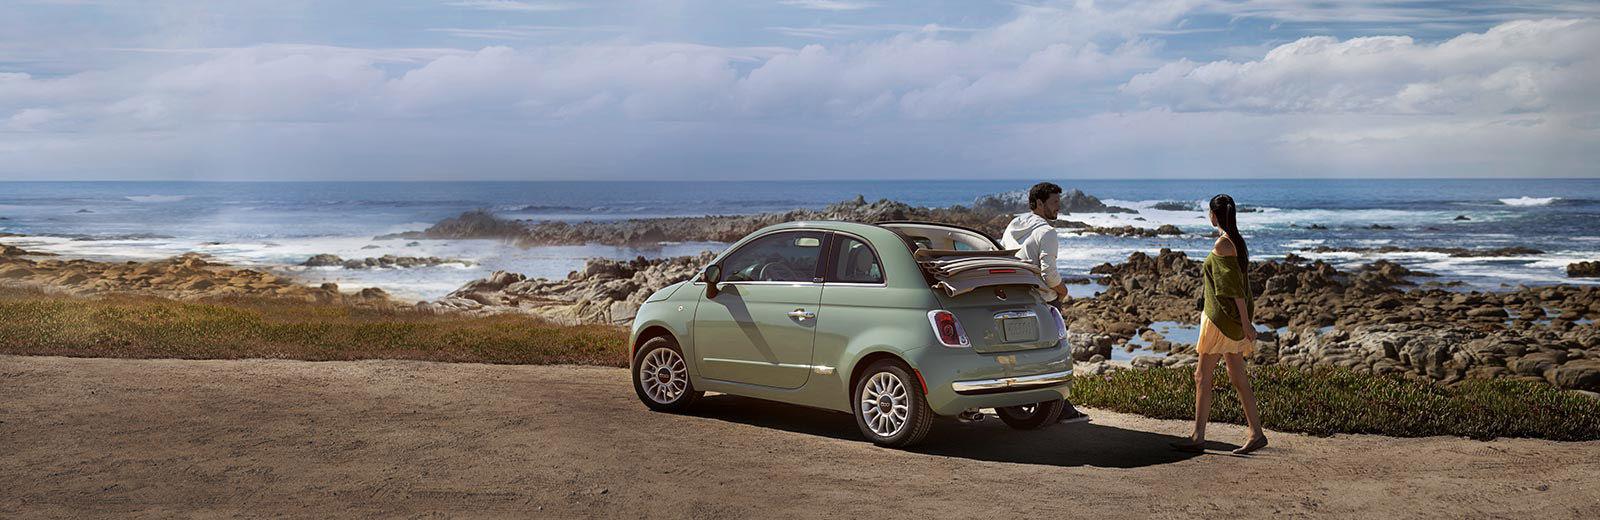 New Fiat 500C Exterior main image